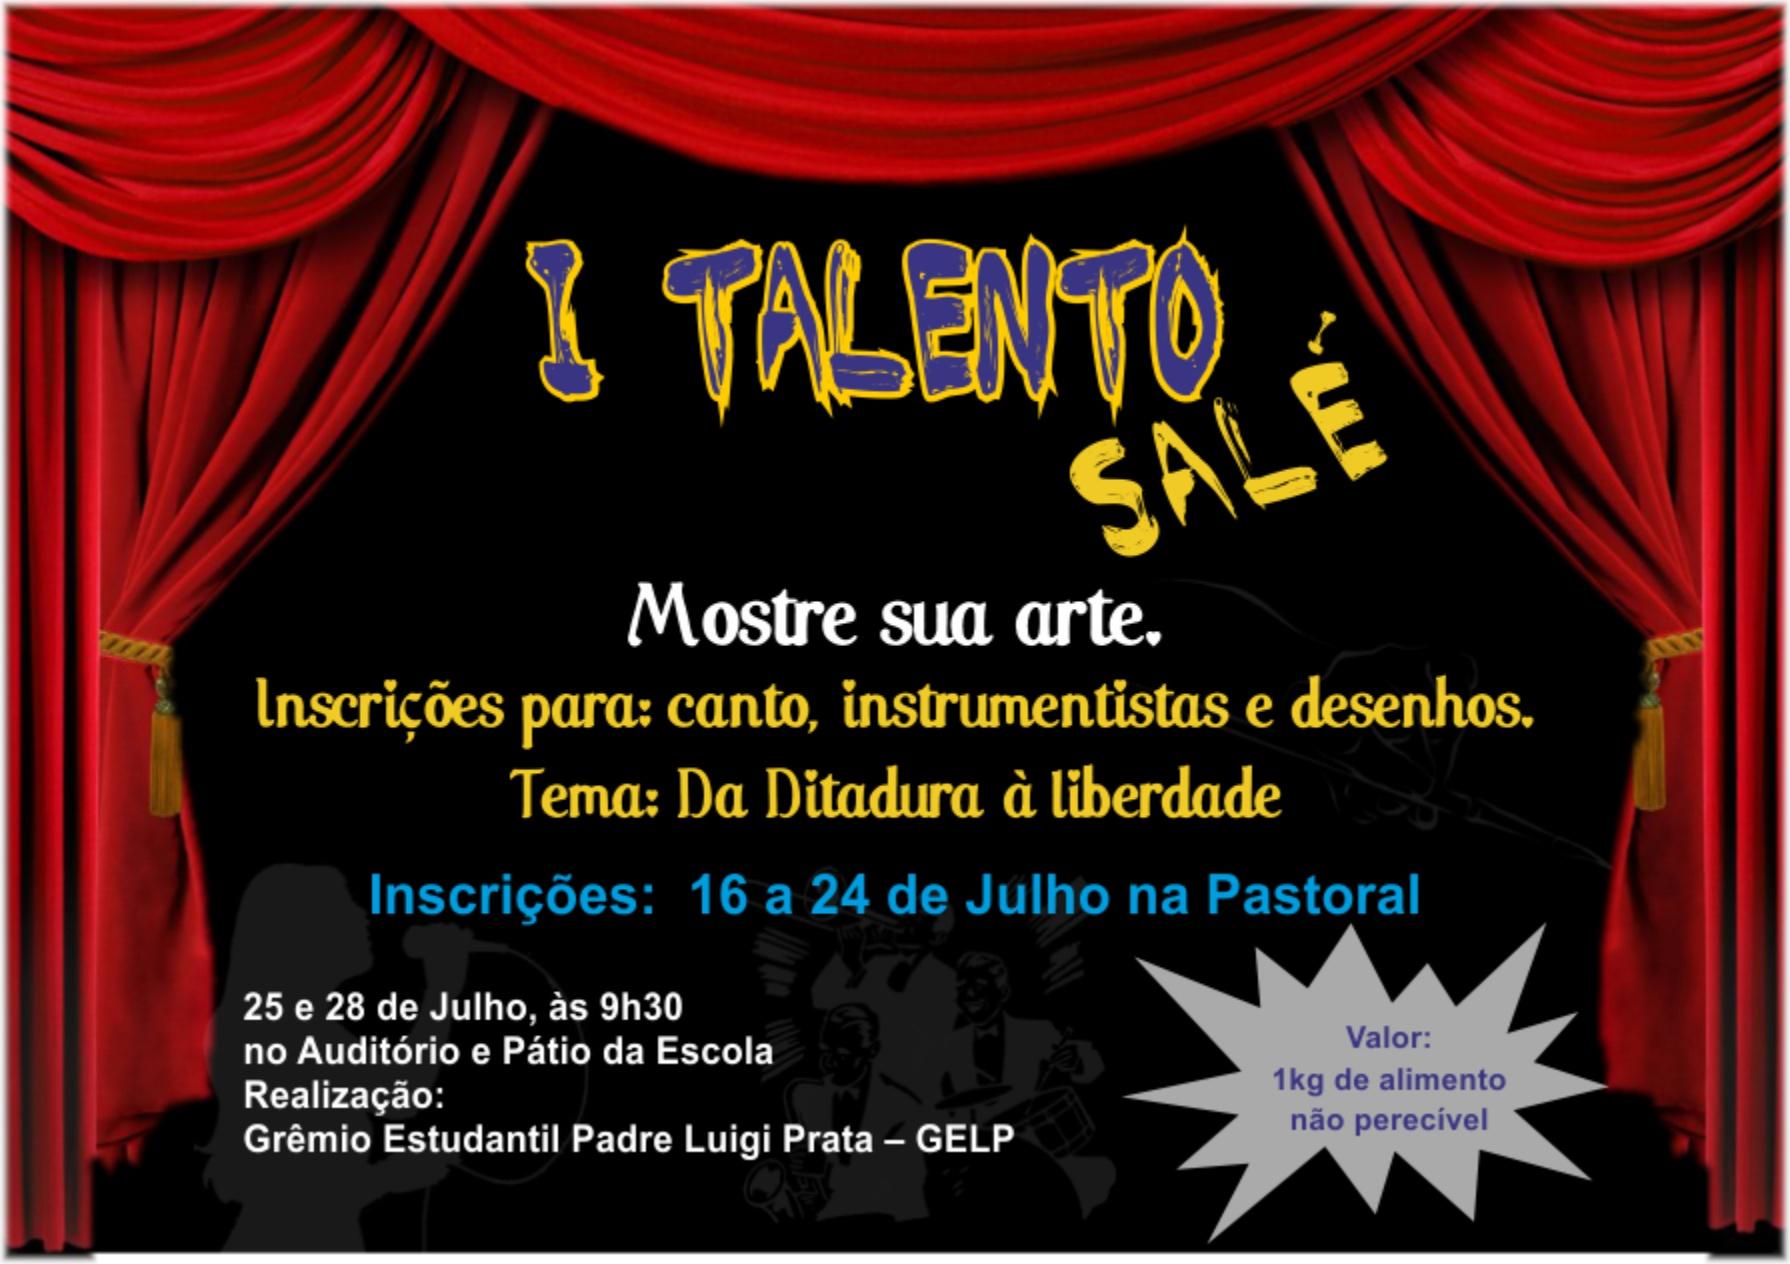 I_talento_sale